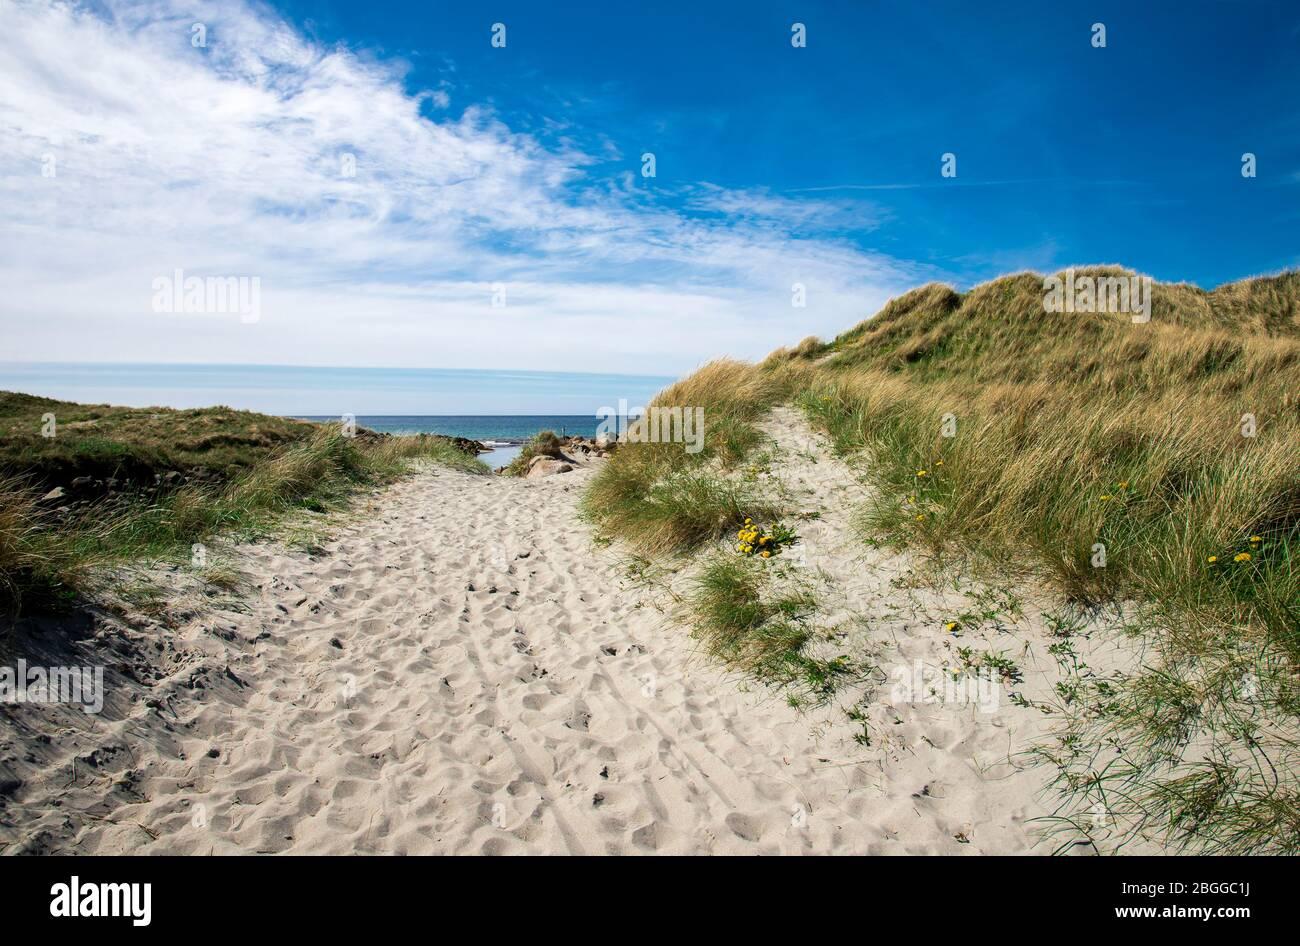 Un sentier longeant les dunes jusqu'à la plage de Refsnesstranda dans une belle journée ensoleillée près de Naerbo, Norvège, mai 2018 Banque D'Images